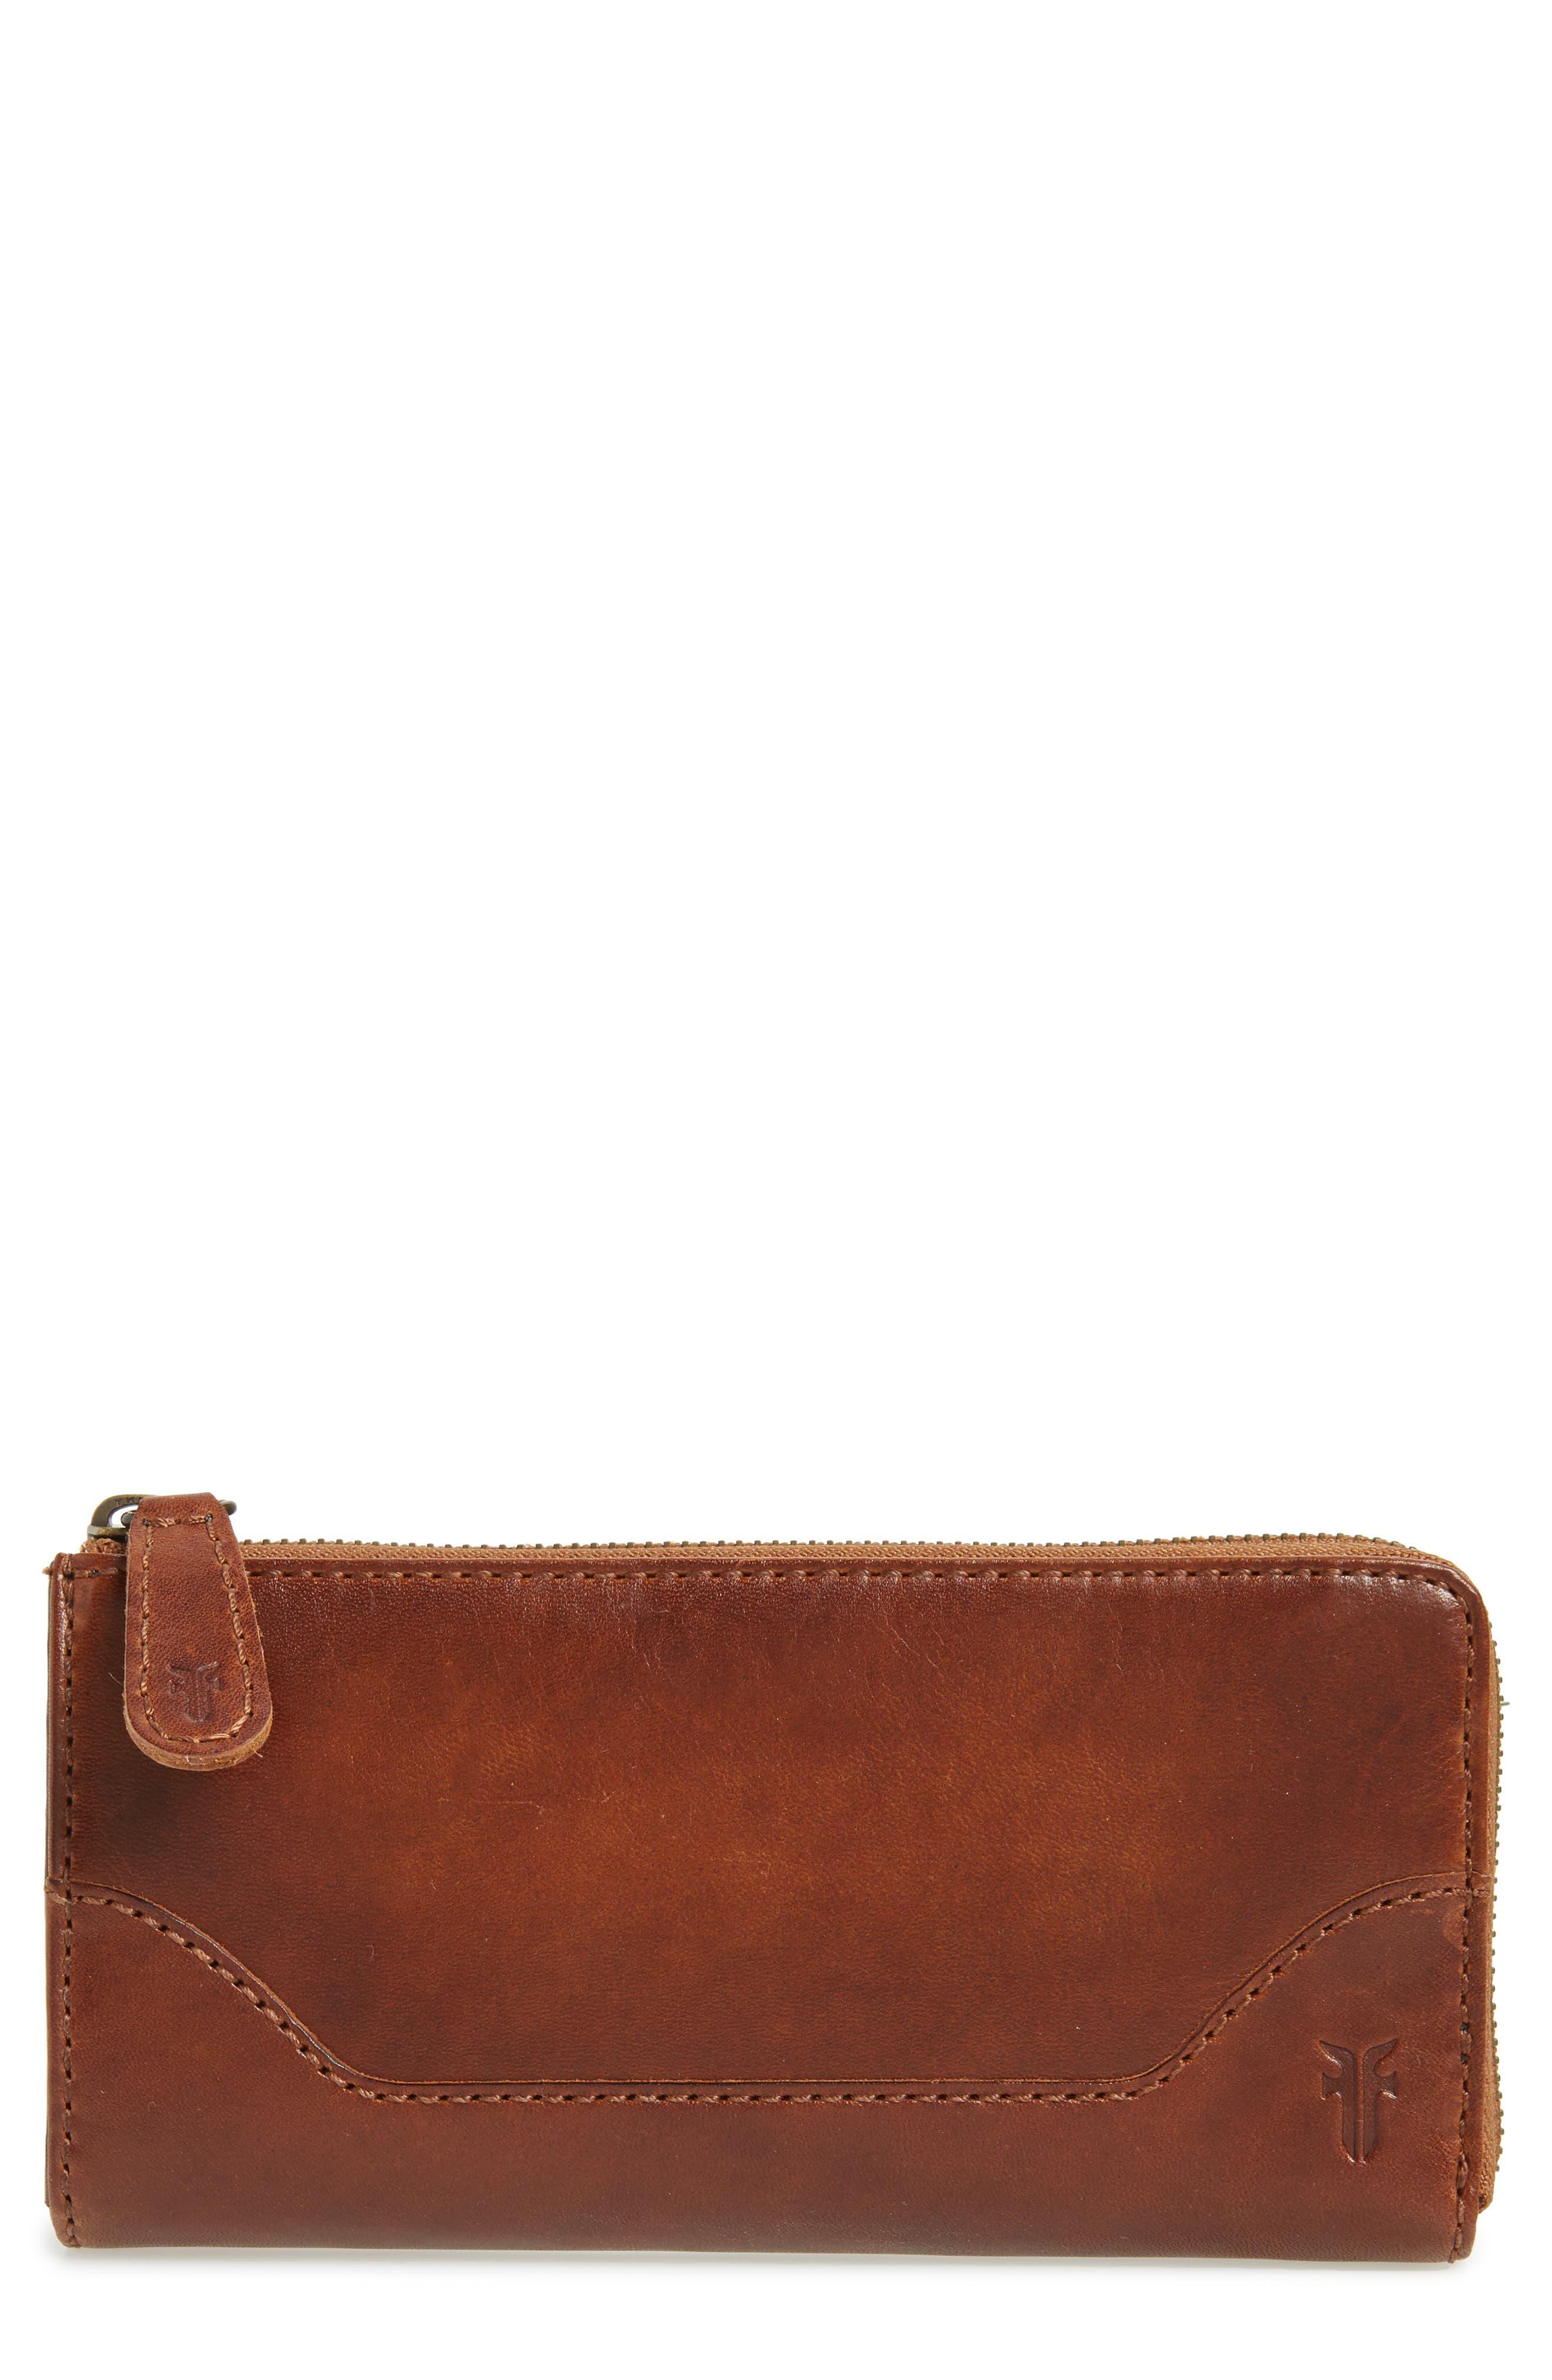 Melissa Leather Wallet,                         Main,                         color, Cognac